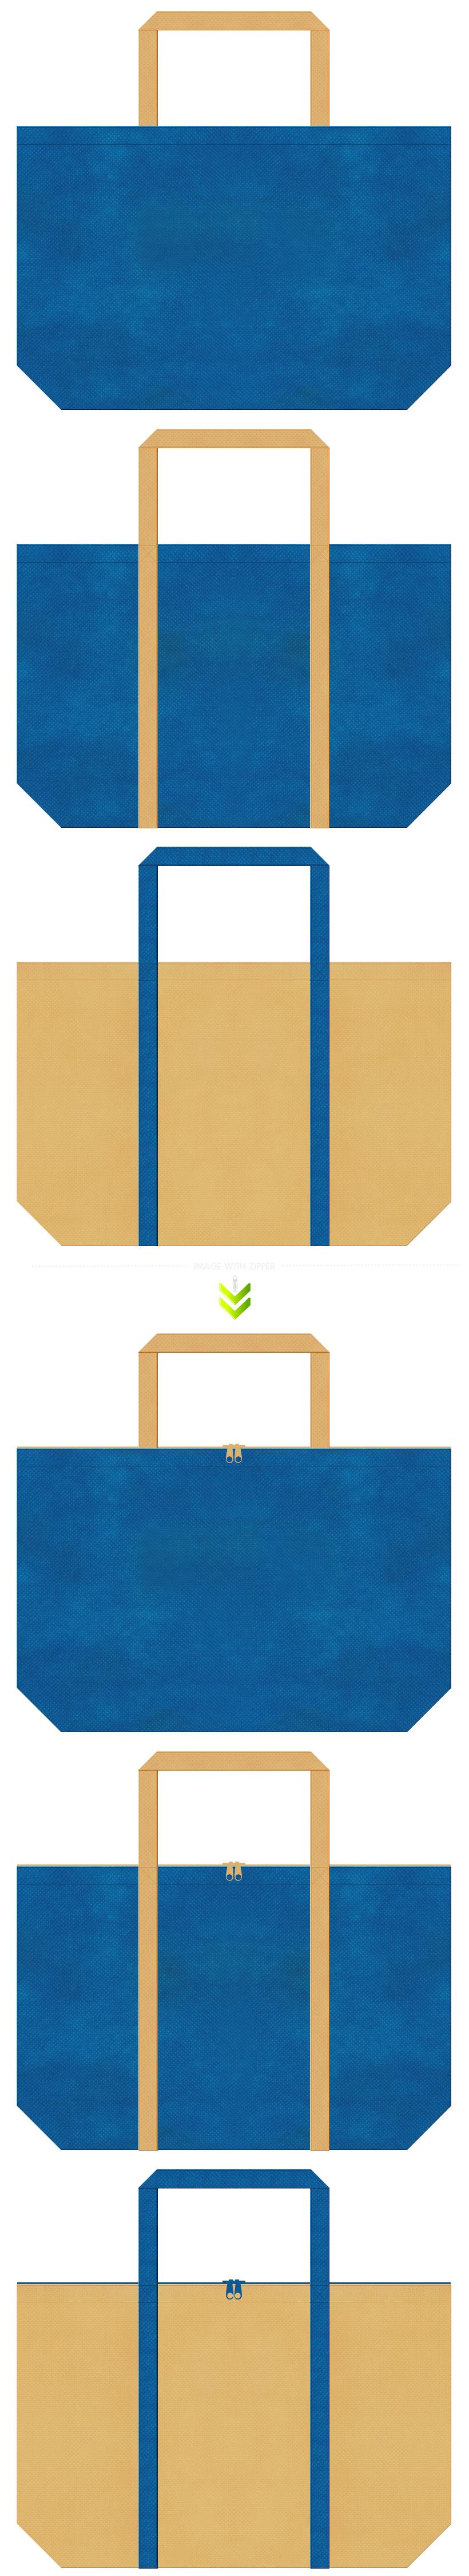 青色と薄黄土色の不織布エコバッグのデザイン。